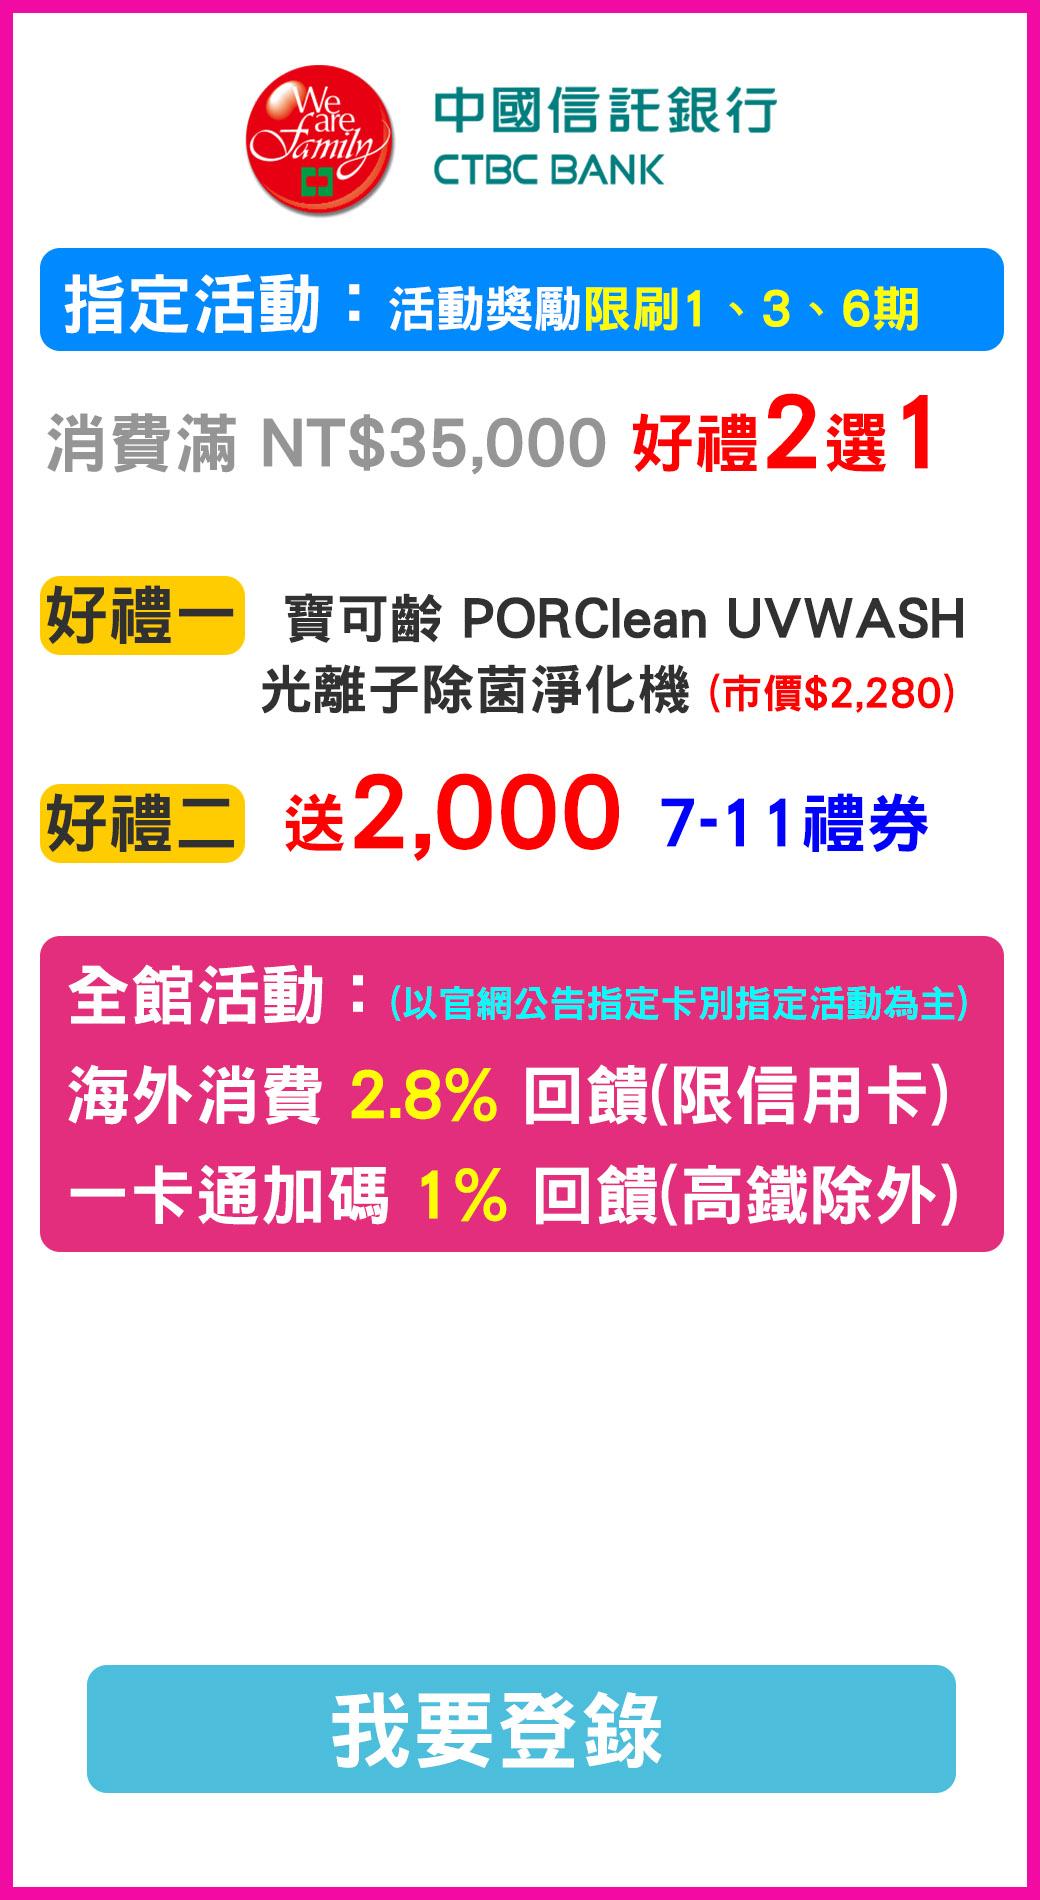 http://forum.sinya.com.tw/upload/attachment/2020/5efbfc83d08a73766.jpg